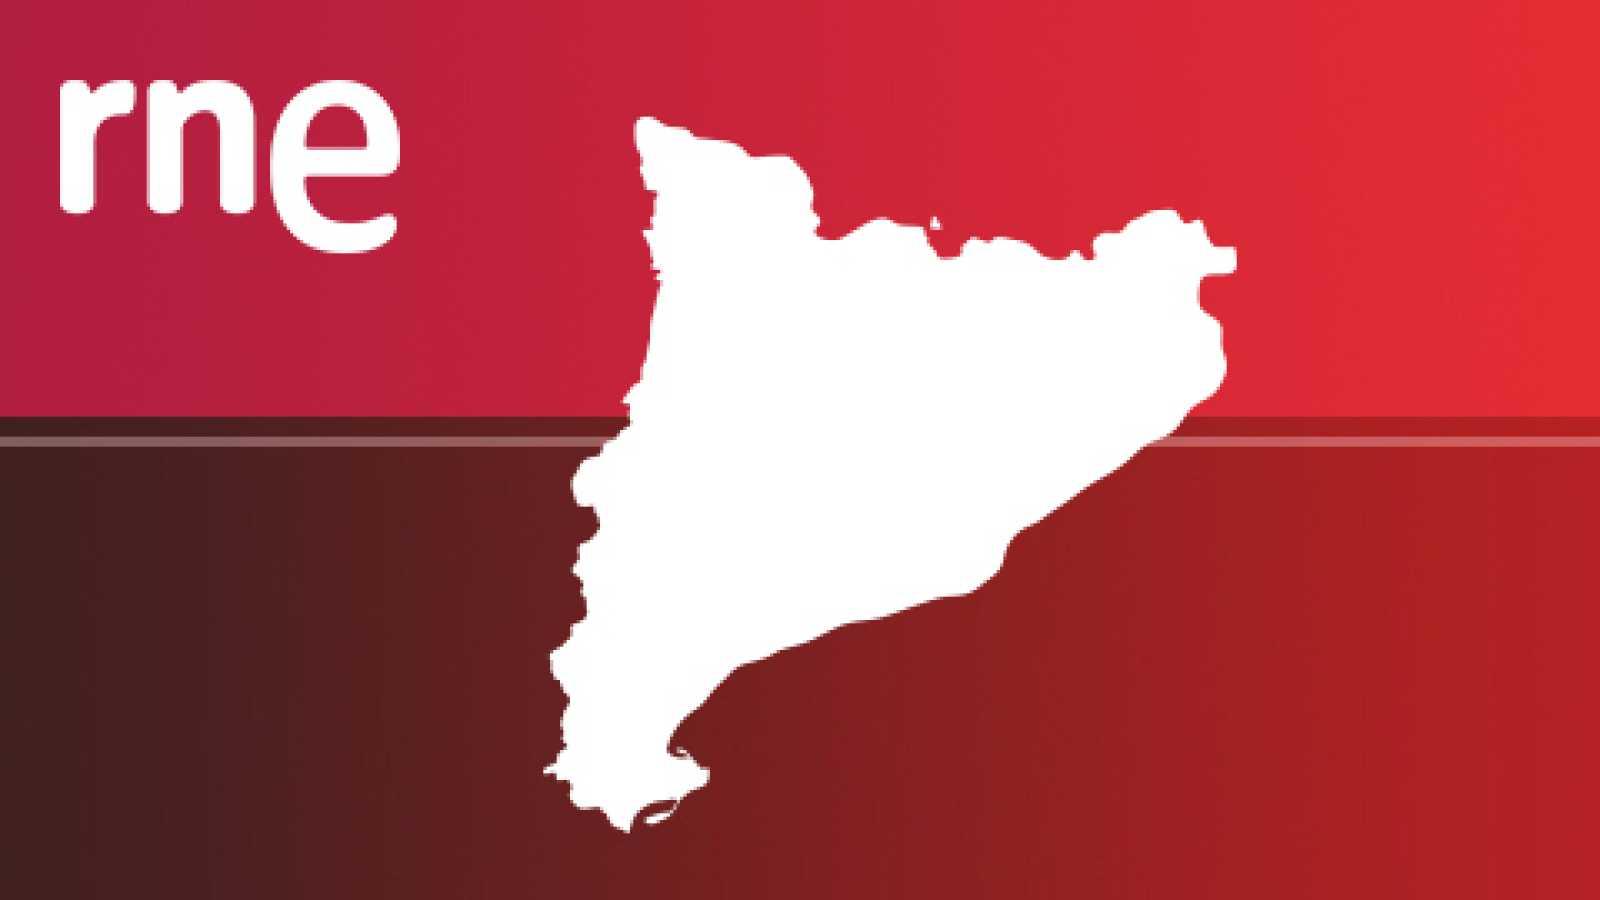 Edició Migdia - El Consell de Ministres aprova el decret llei que regularà el teletreball